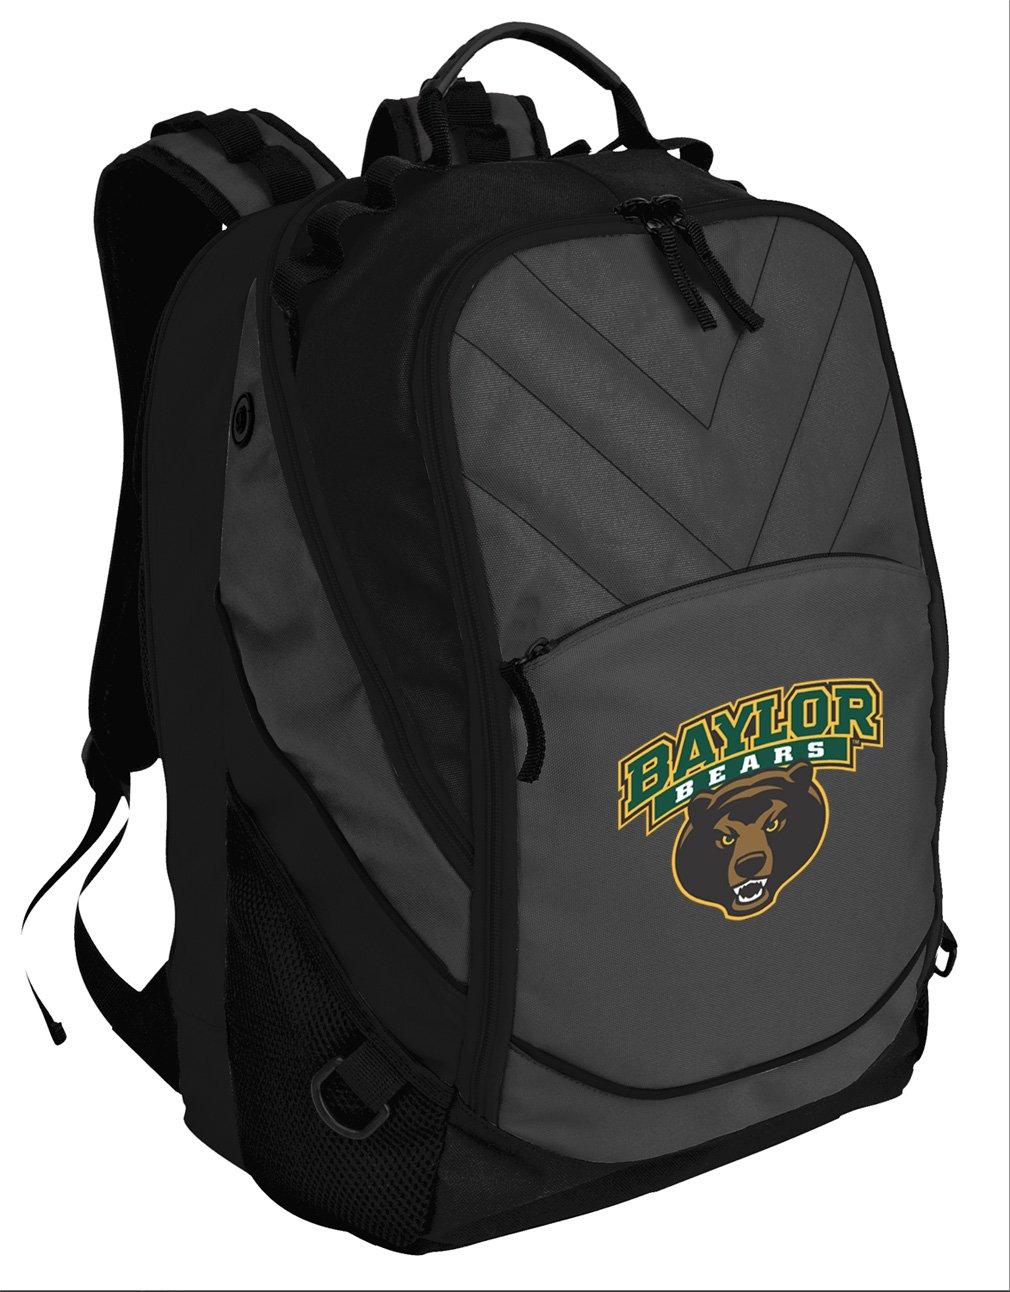 Broad Bay Best Baylor University Backpack Laptop Computer Bag